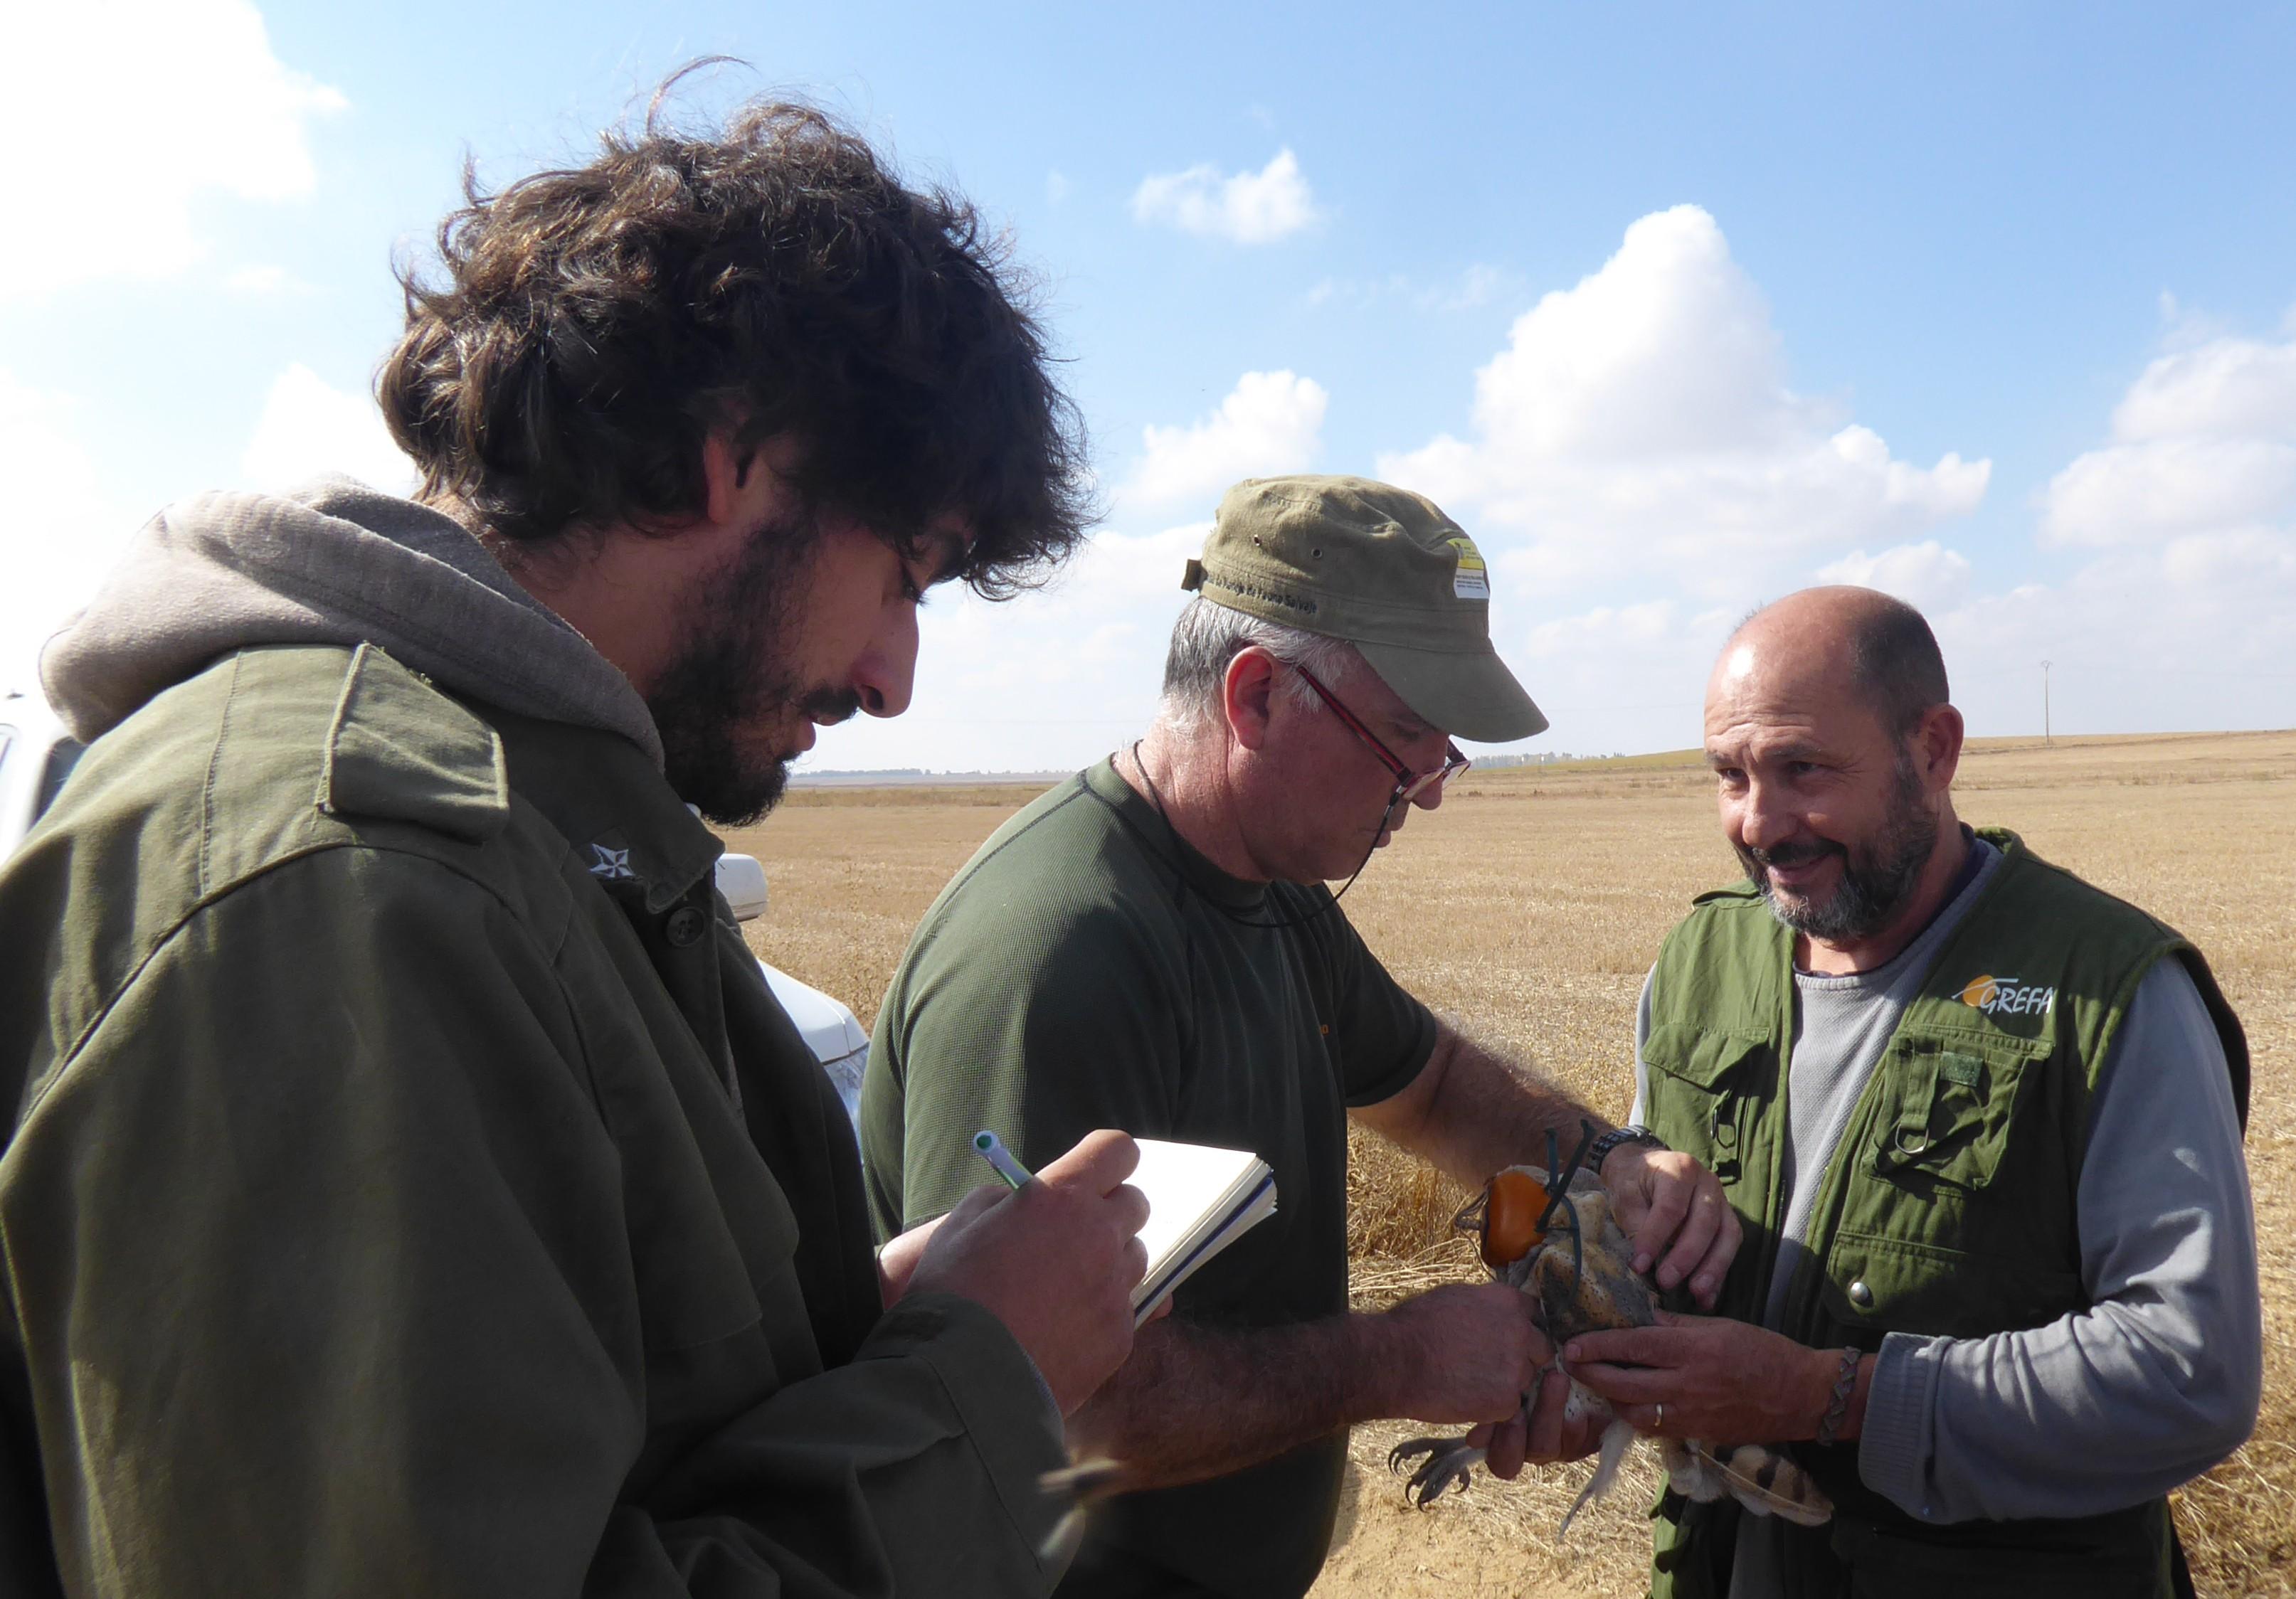 Un especialista coloca un emisor GPS a una lechuza en Castilla y León. Imagen: Grefa